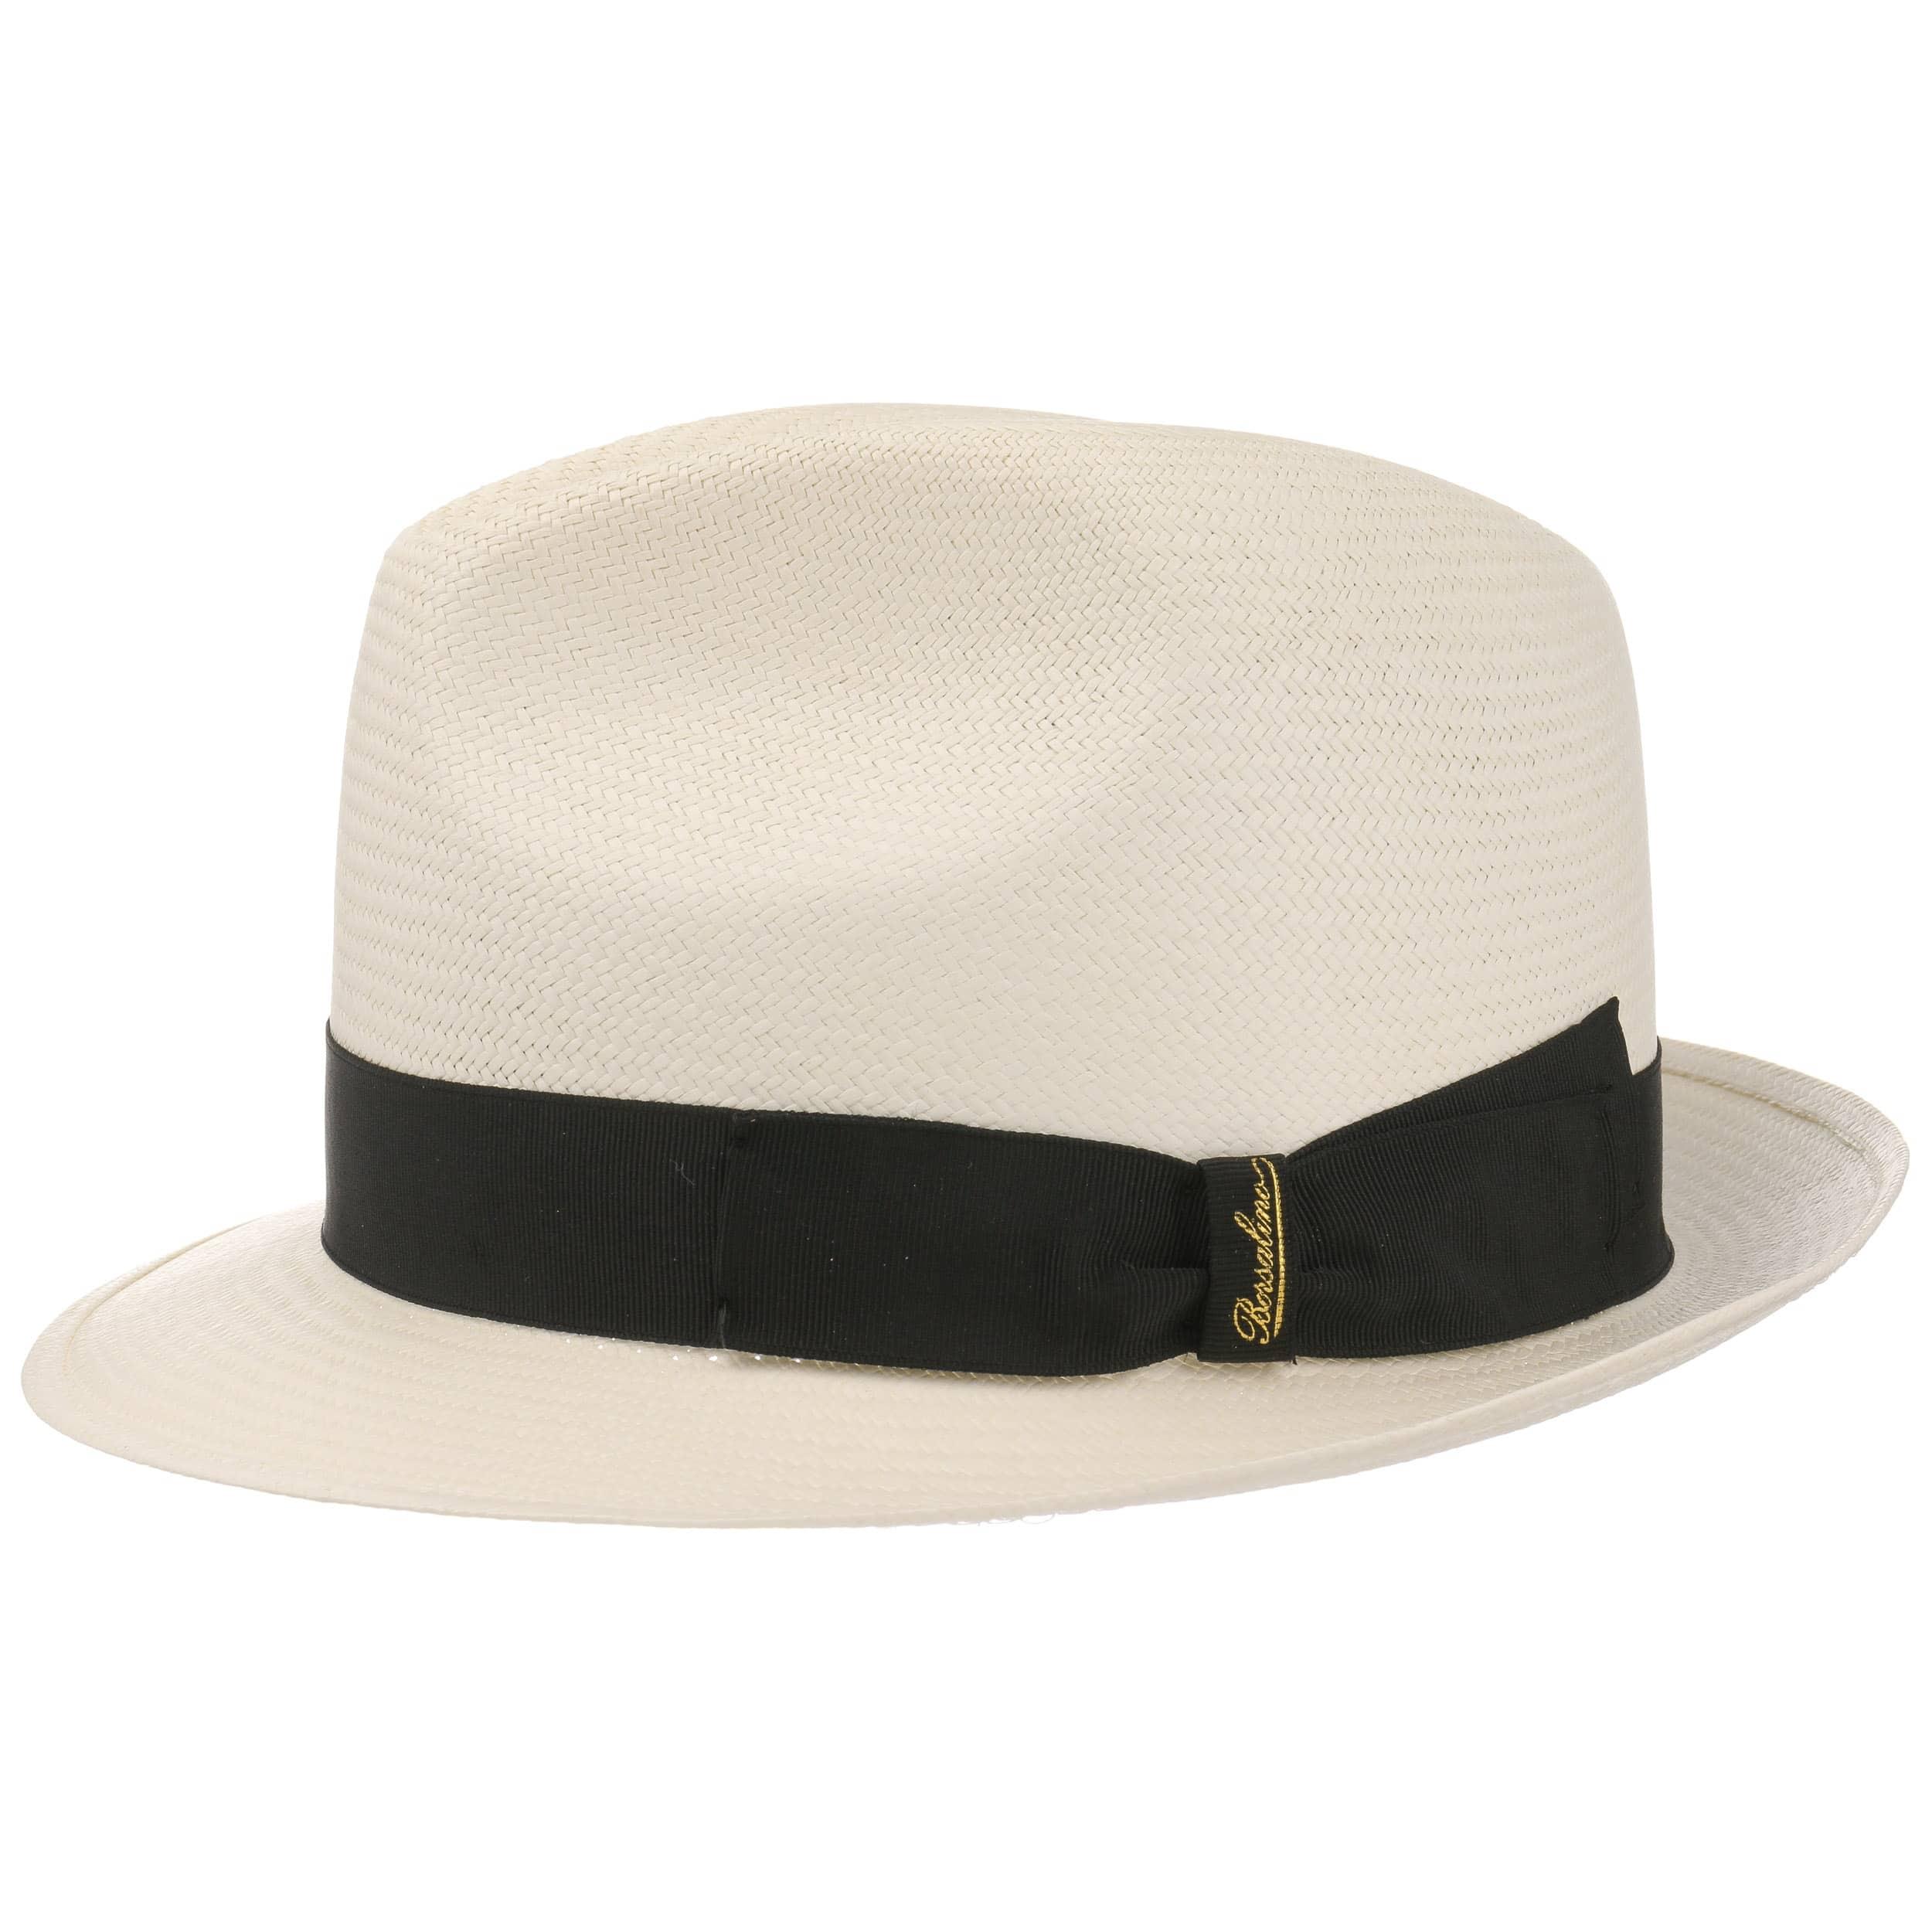 outlet online la migliore vendita a basso costo Cappello Panama Prestigioso by Borsalino